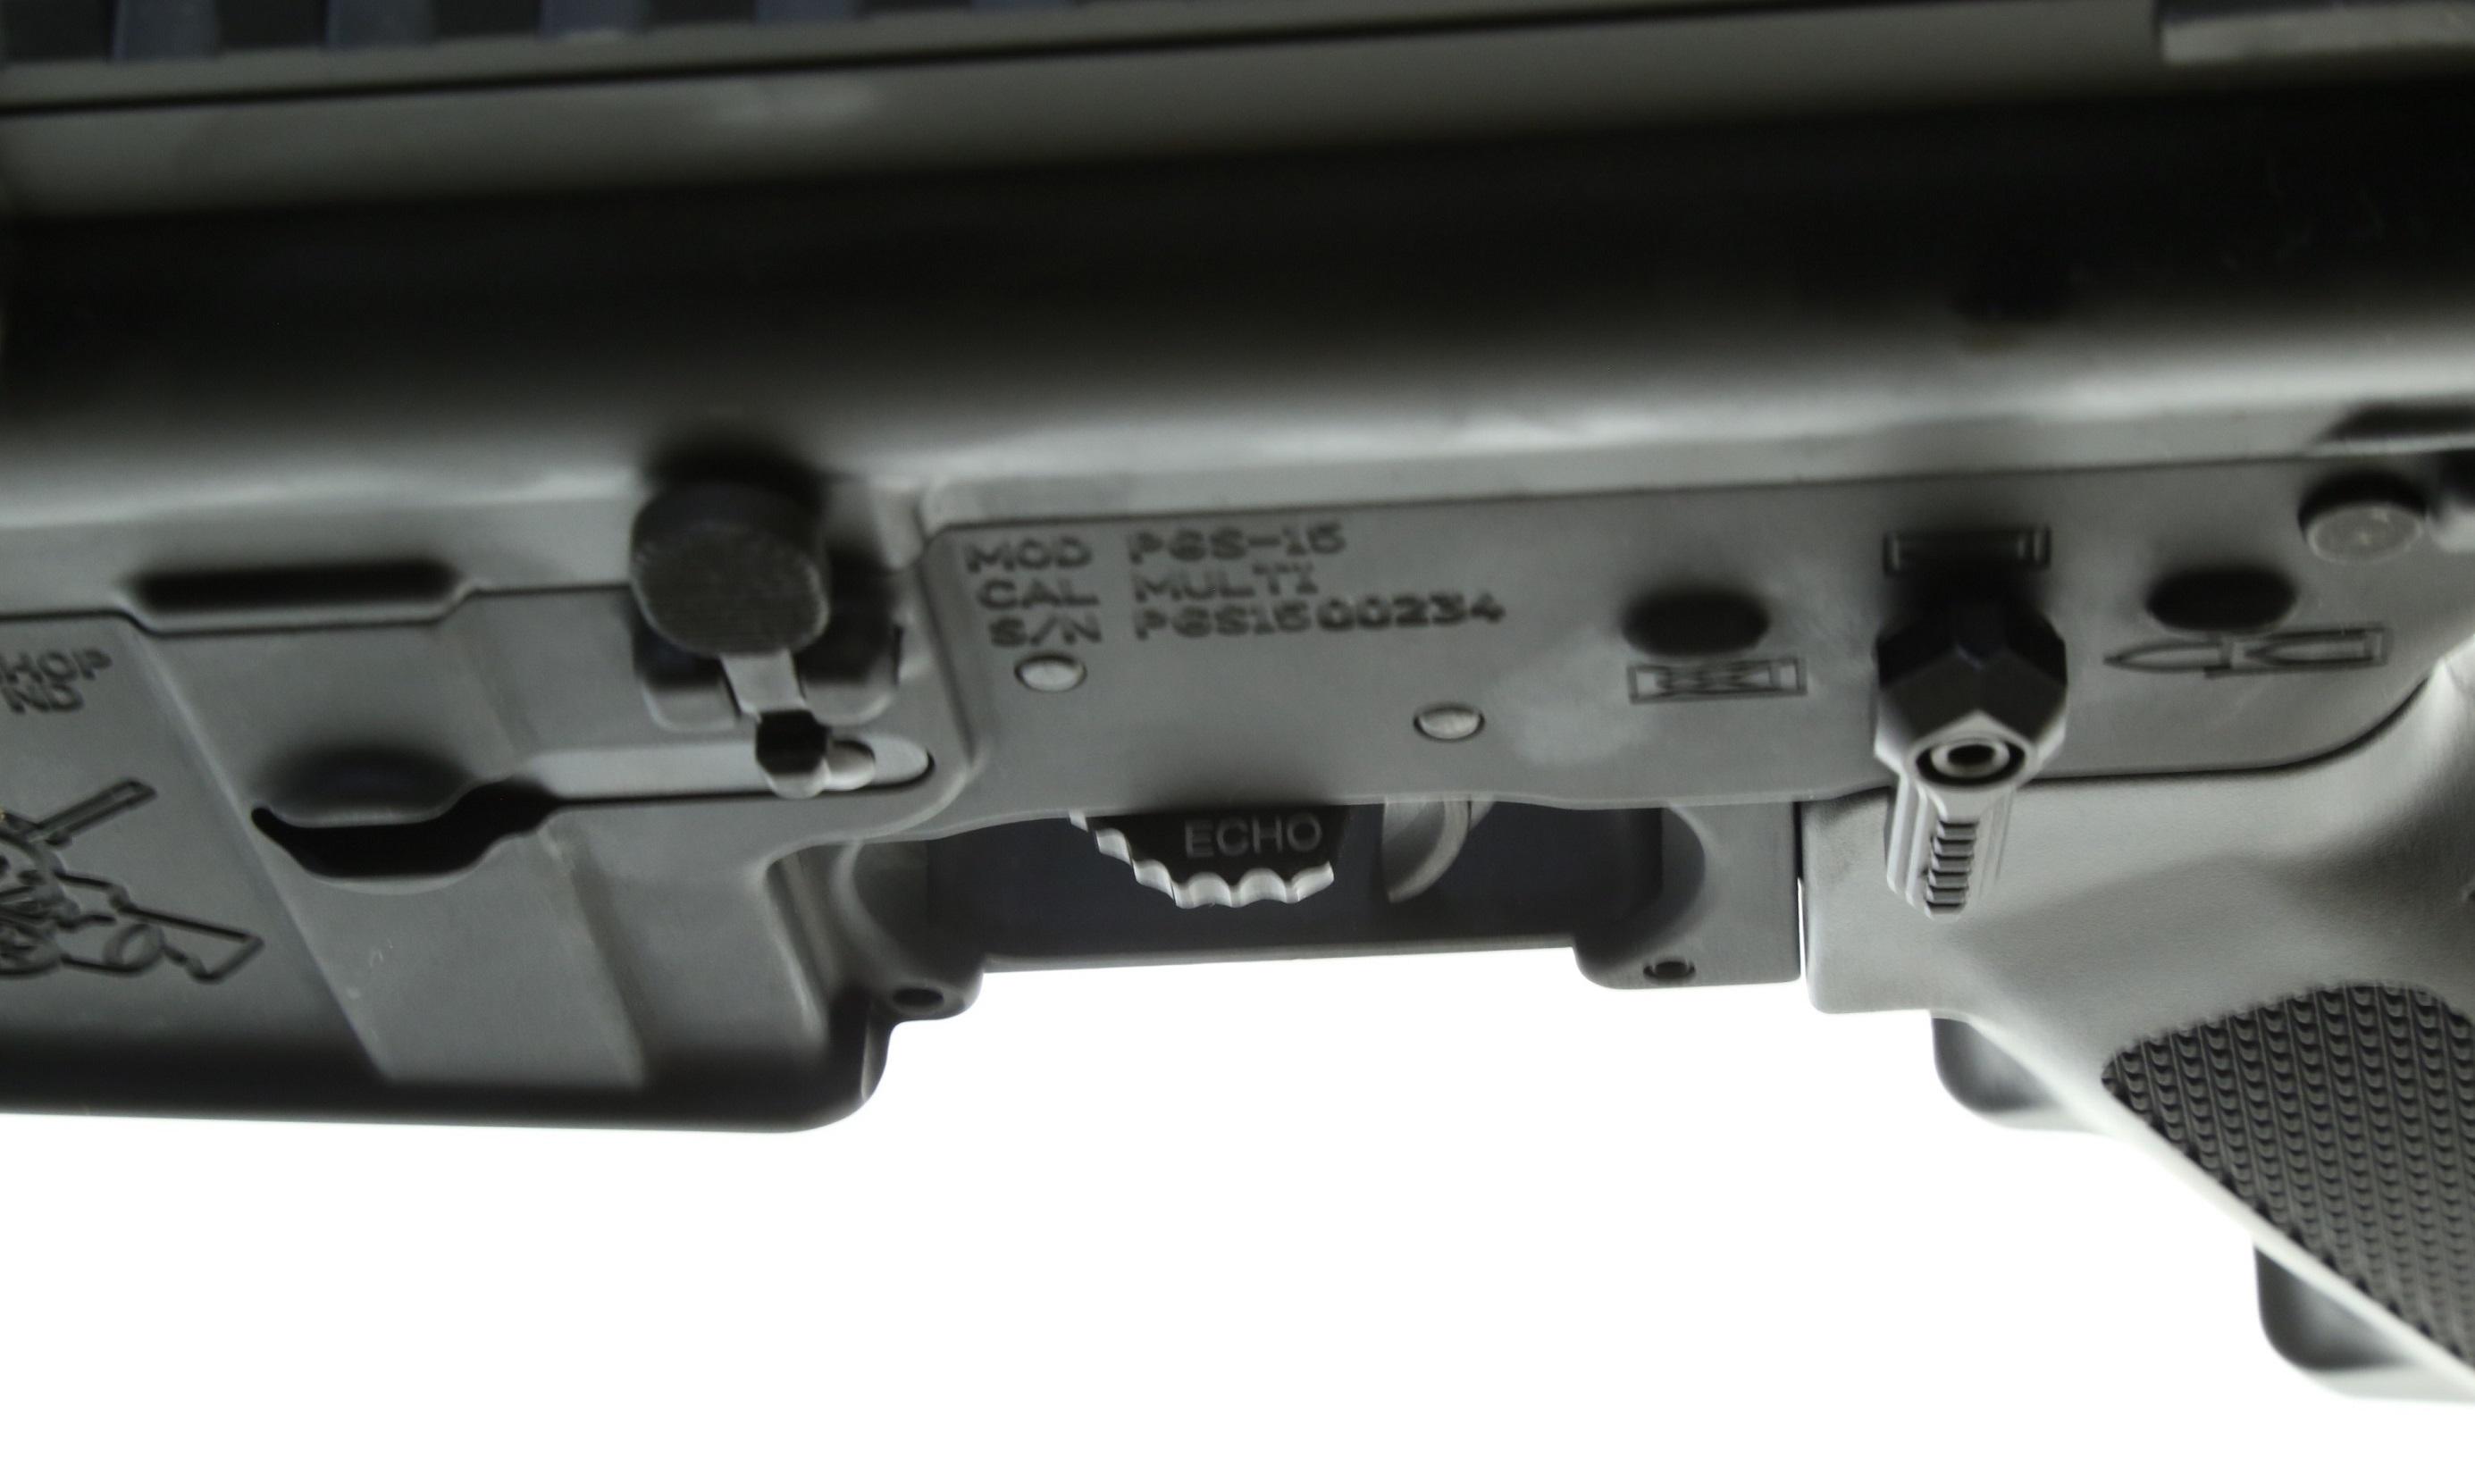 PGS MFG AR-15 16